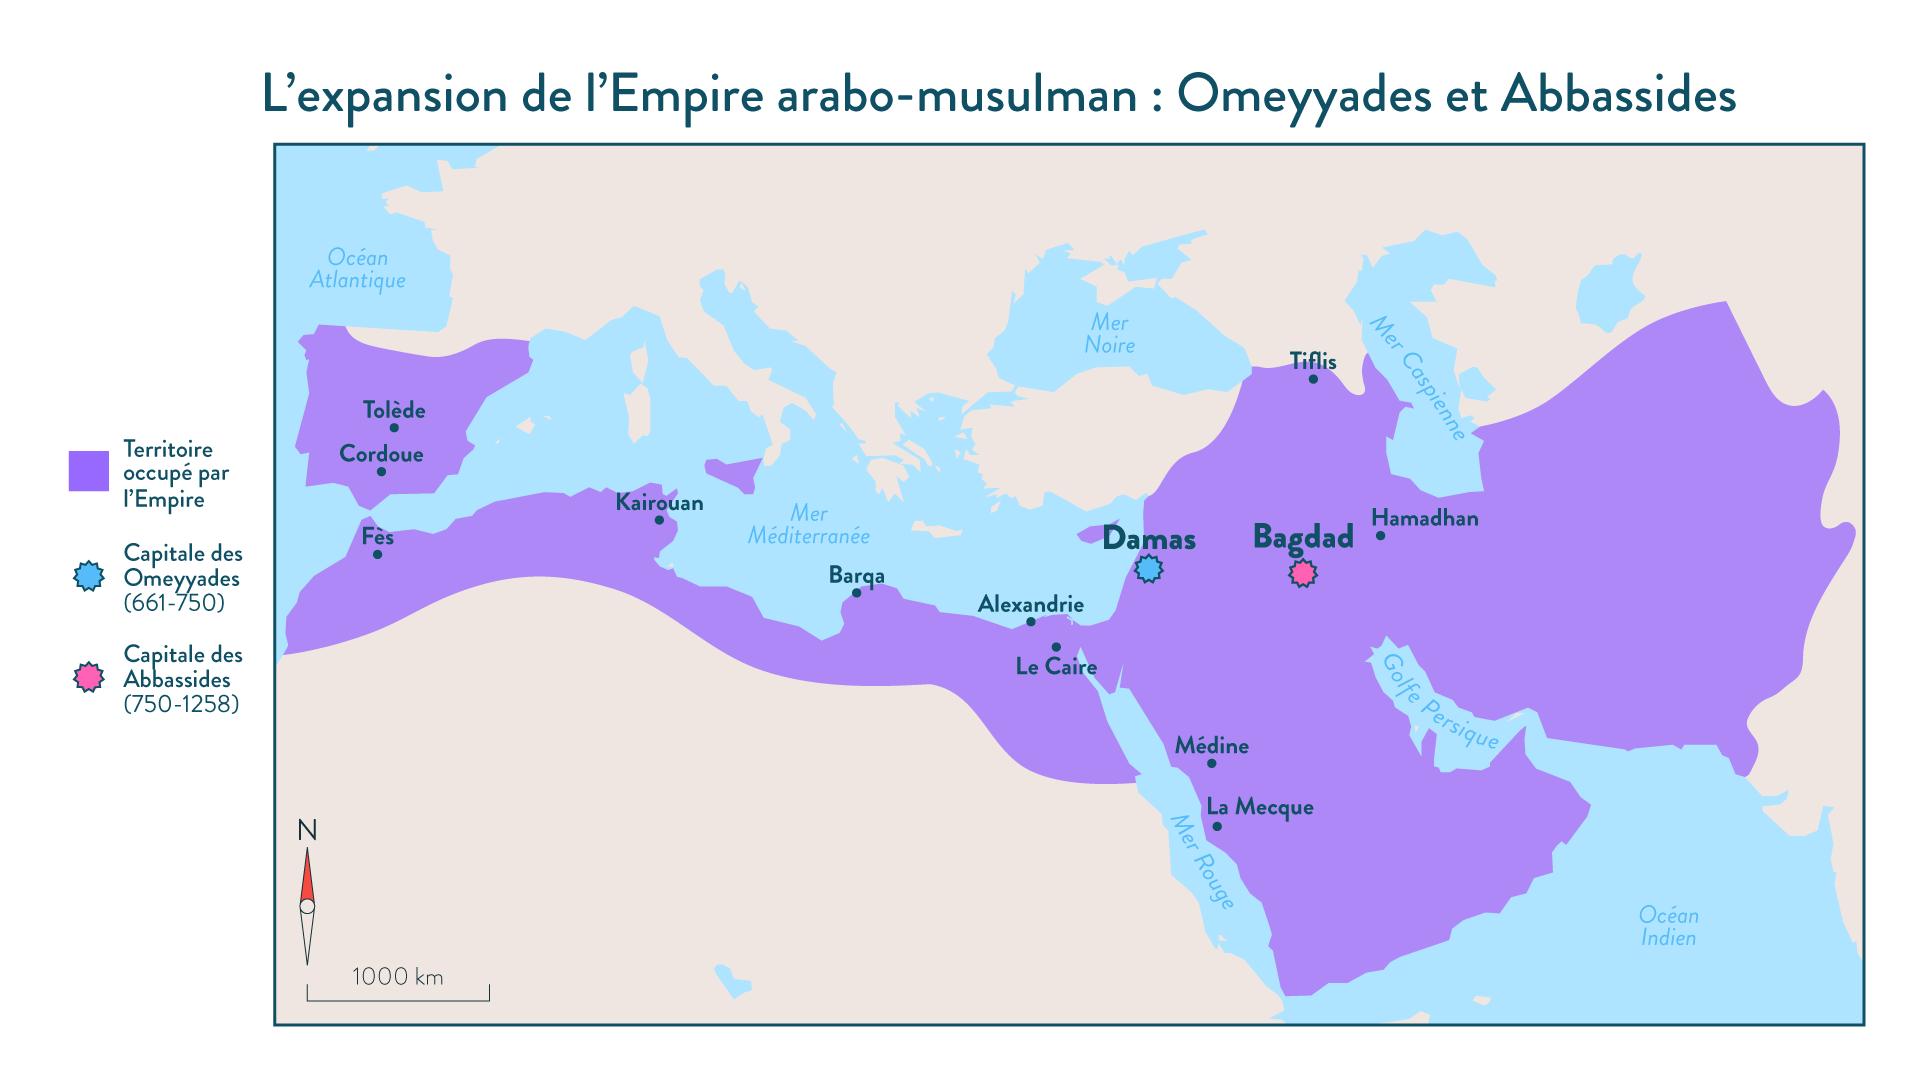 L'expansion de l'Empire arabo-musulman: Omeyyades et Abbassides - 5e - Histoire